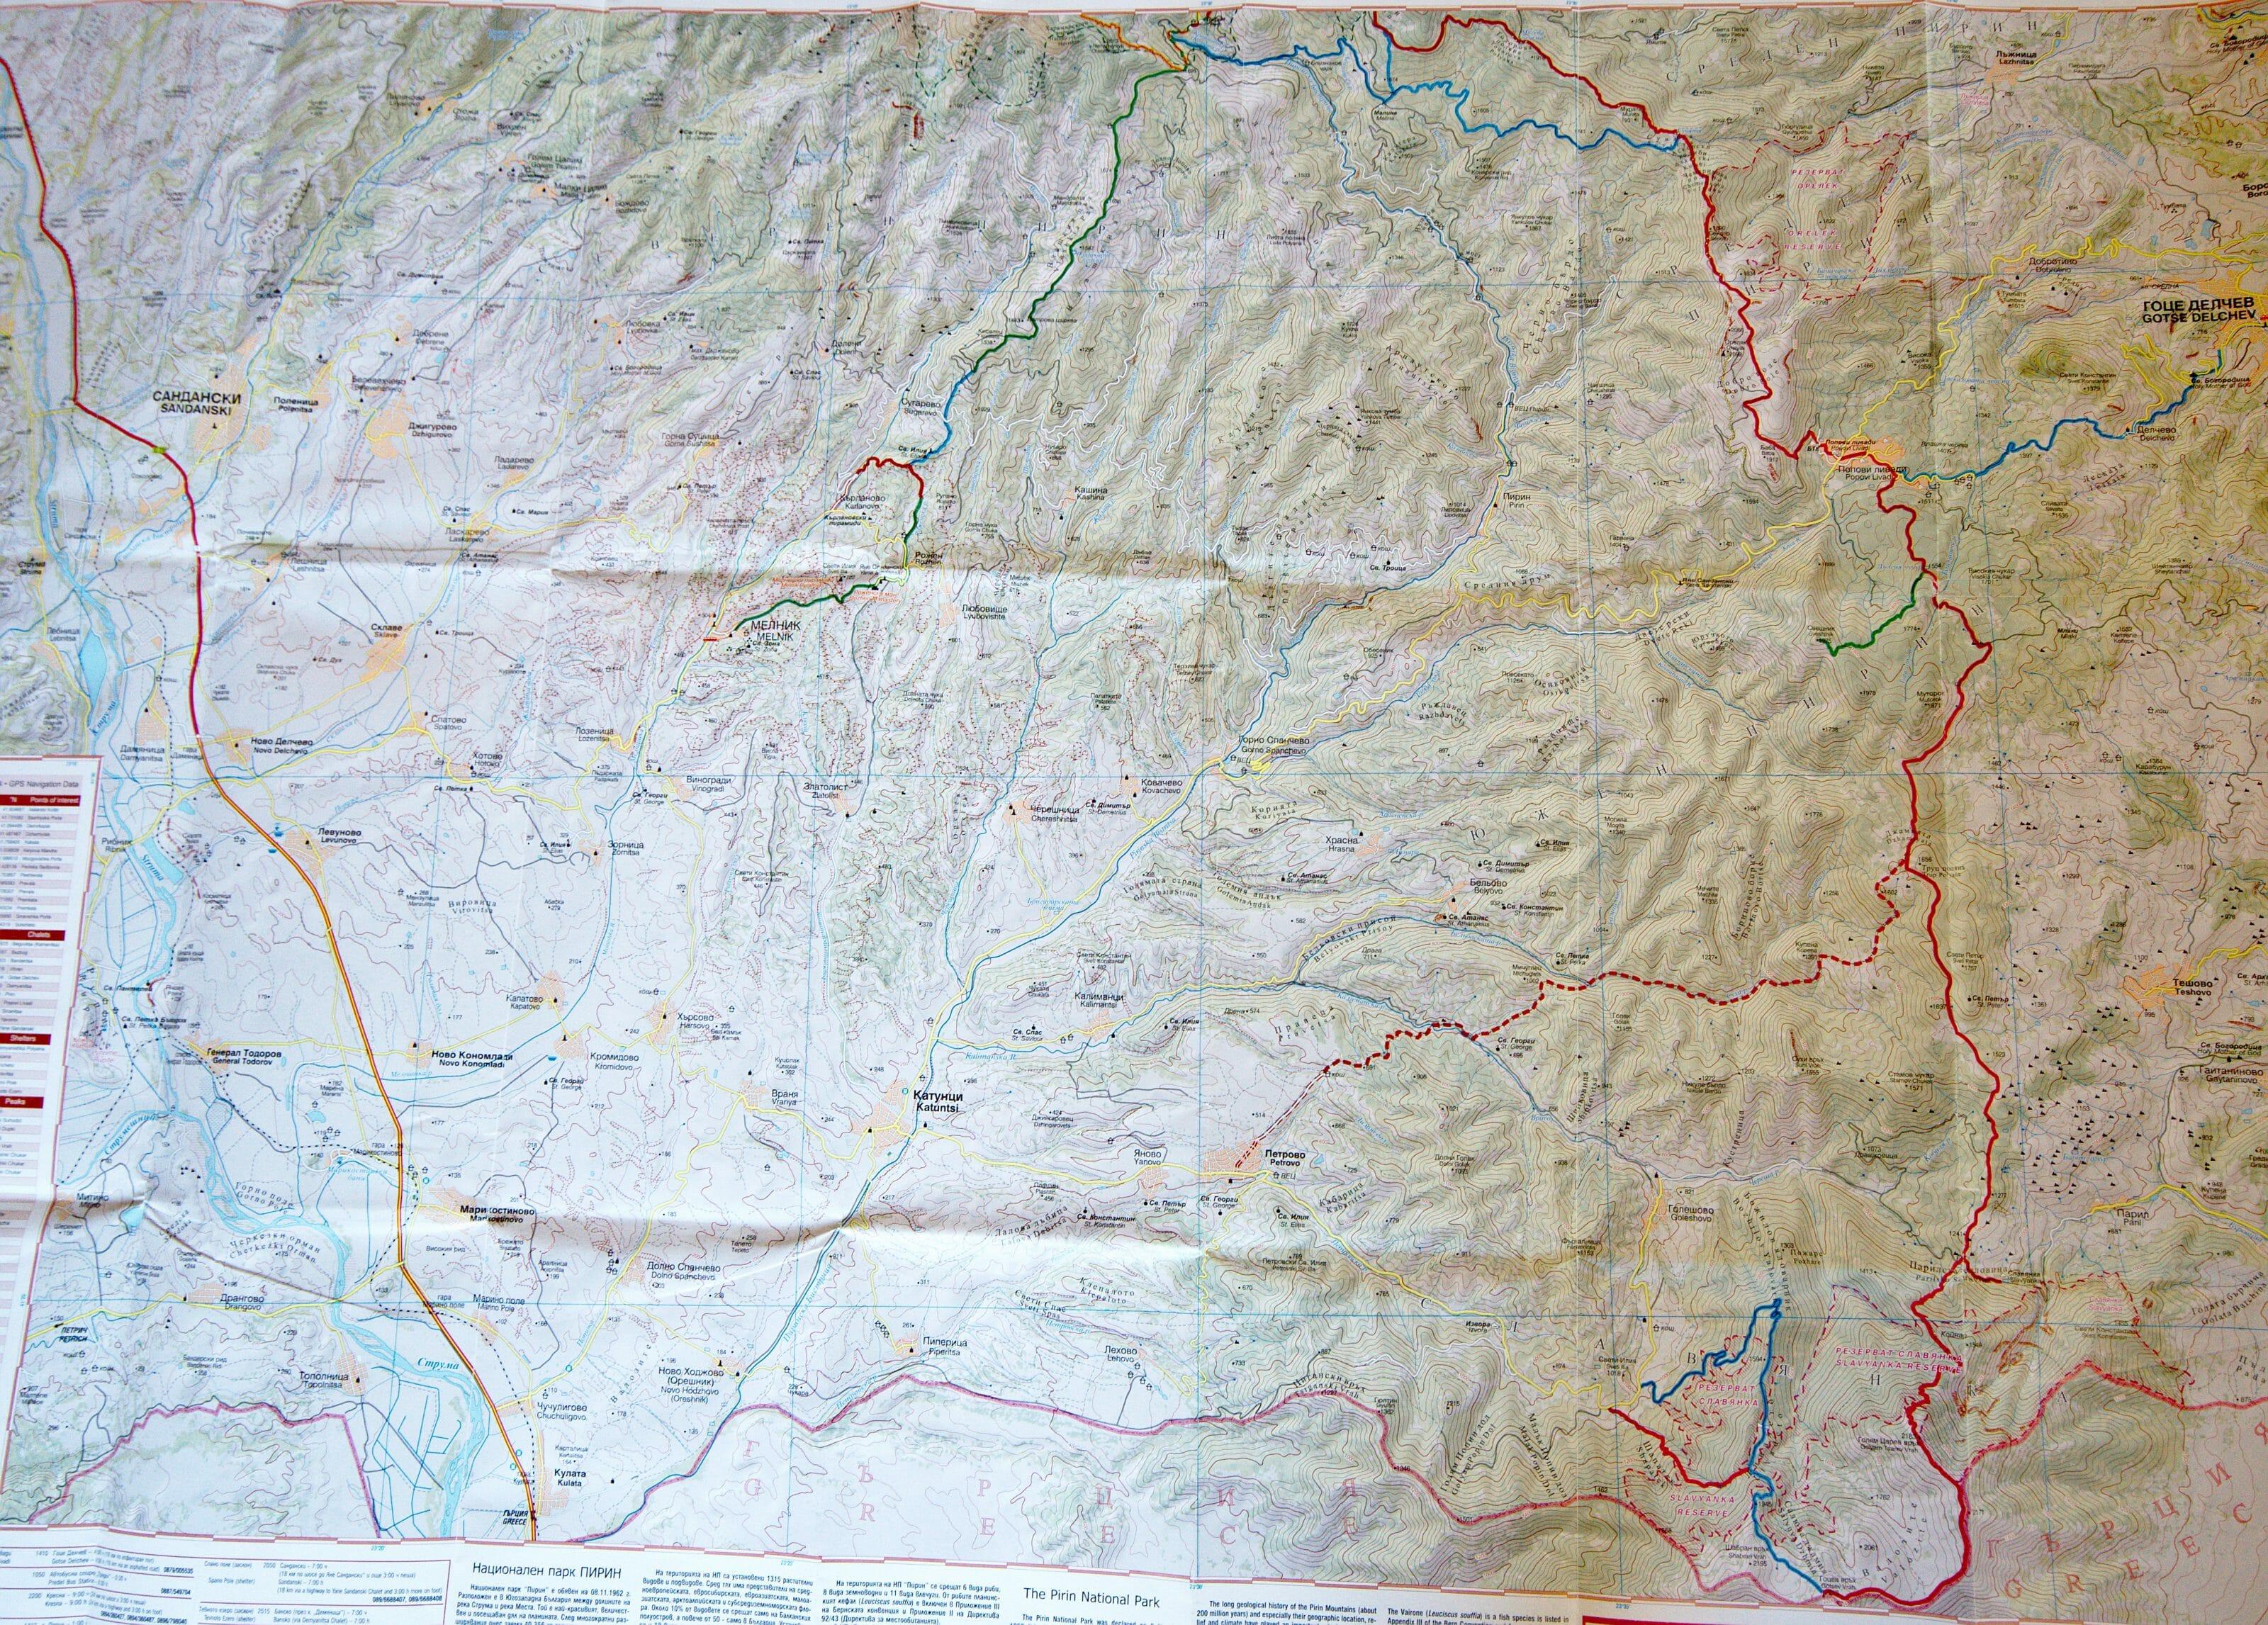 Pirin national park map 2